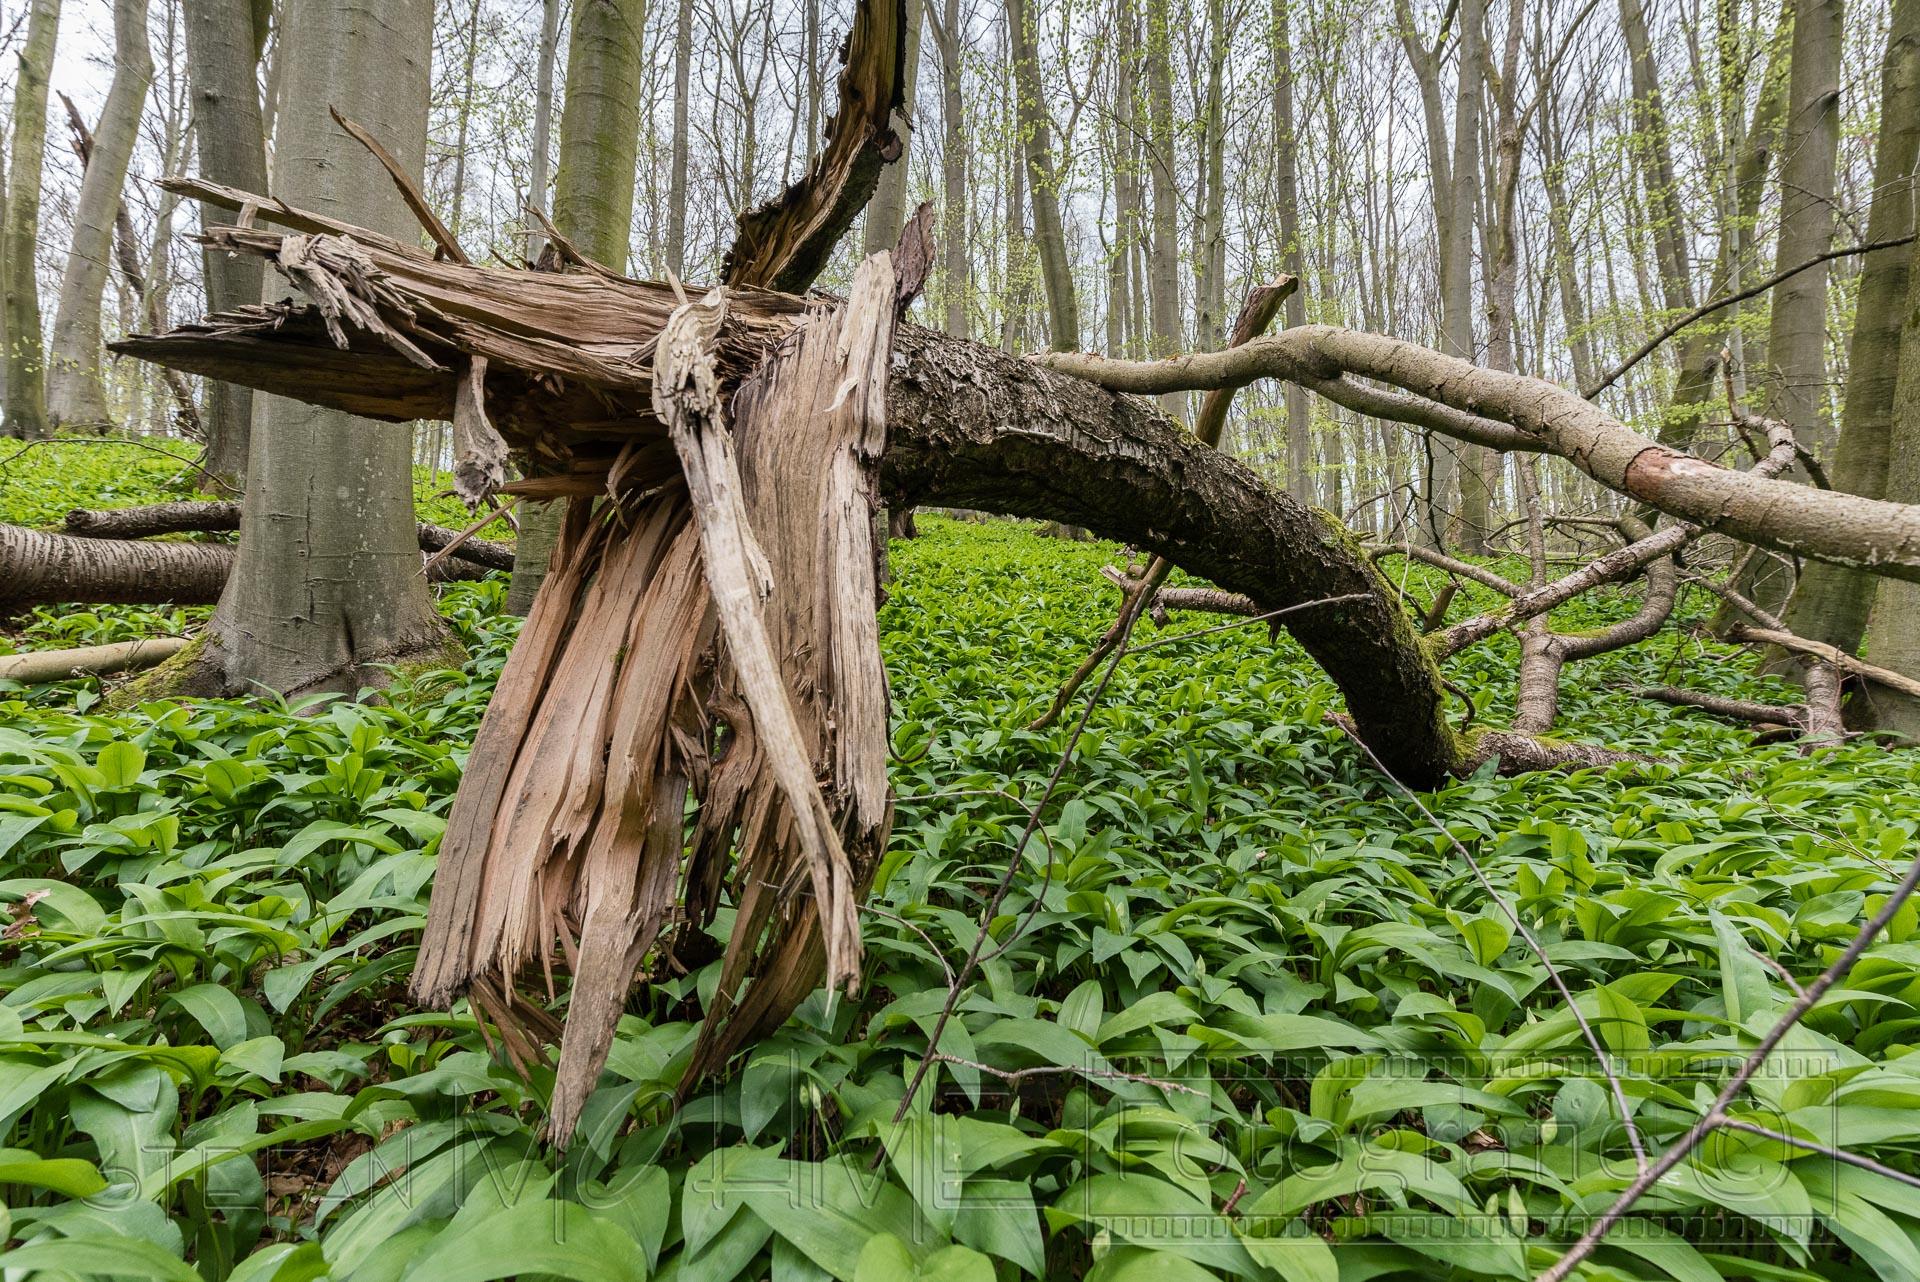 Baum,wald,kaputt,umgefallen,gebrochen